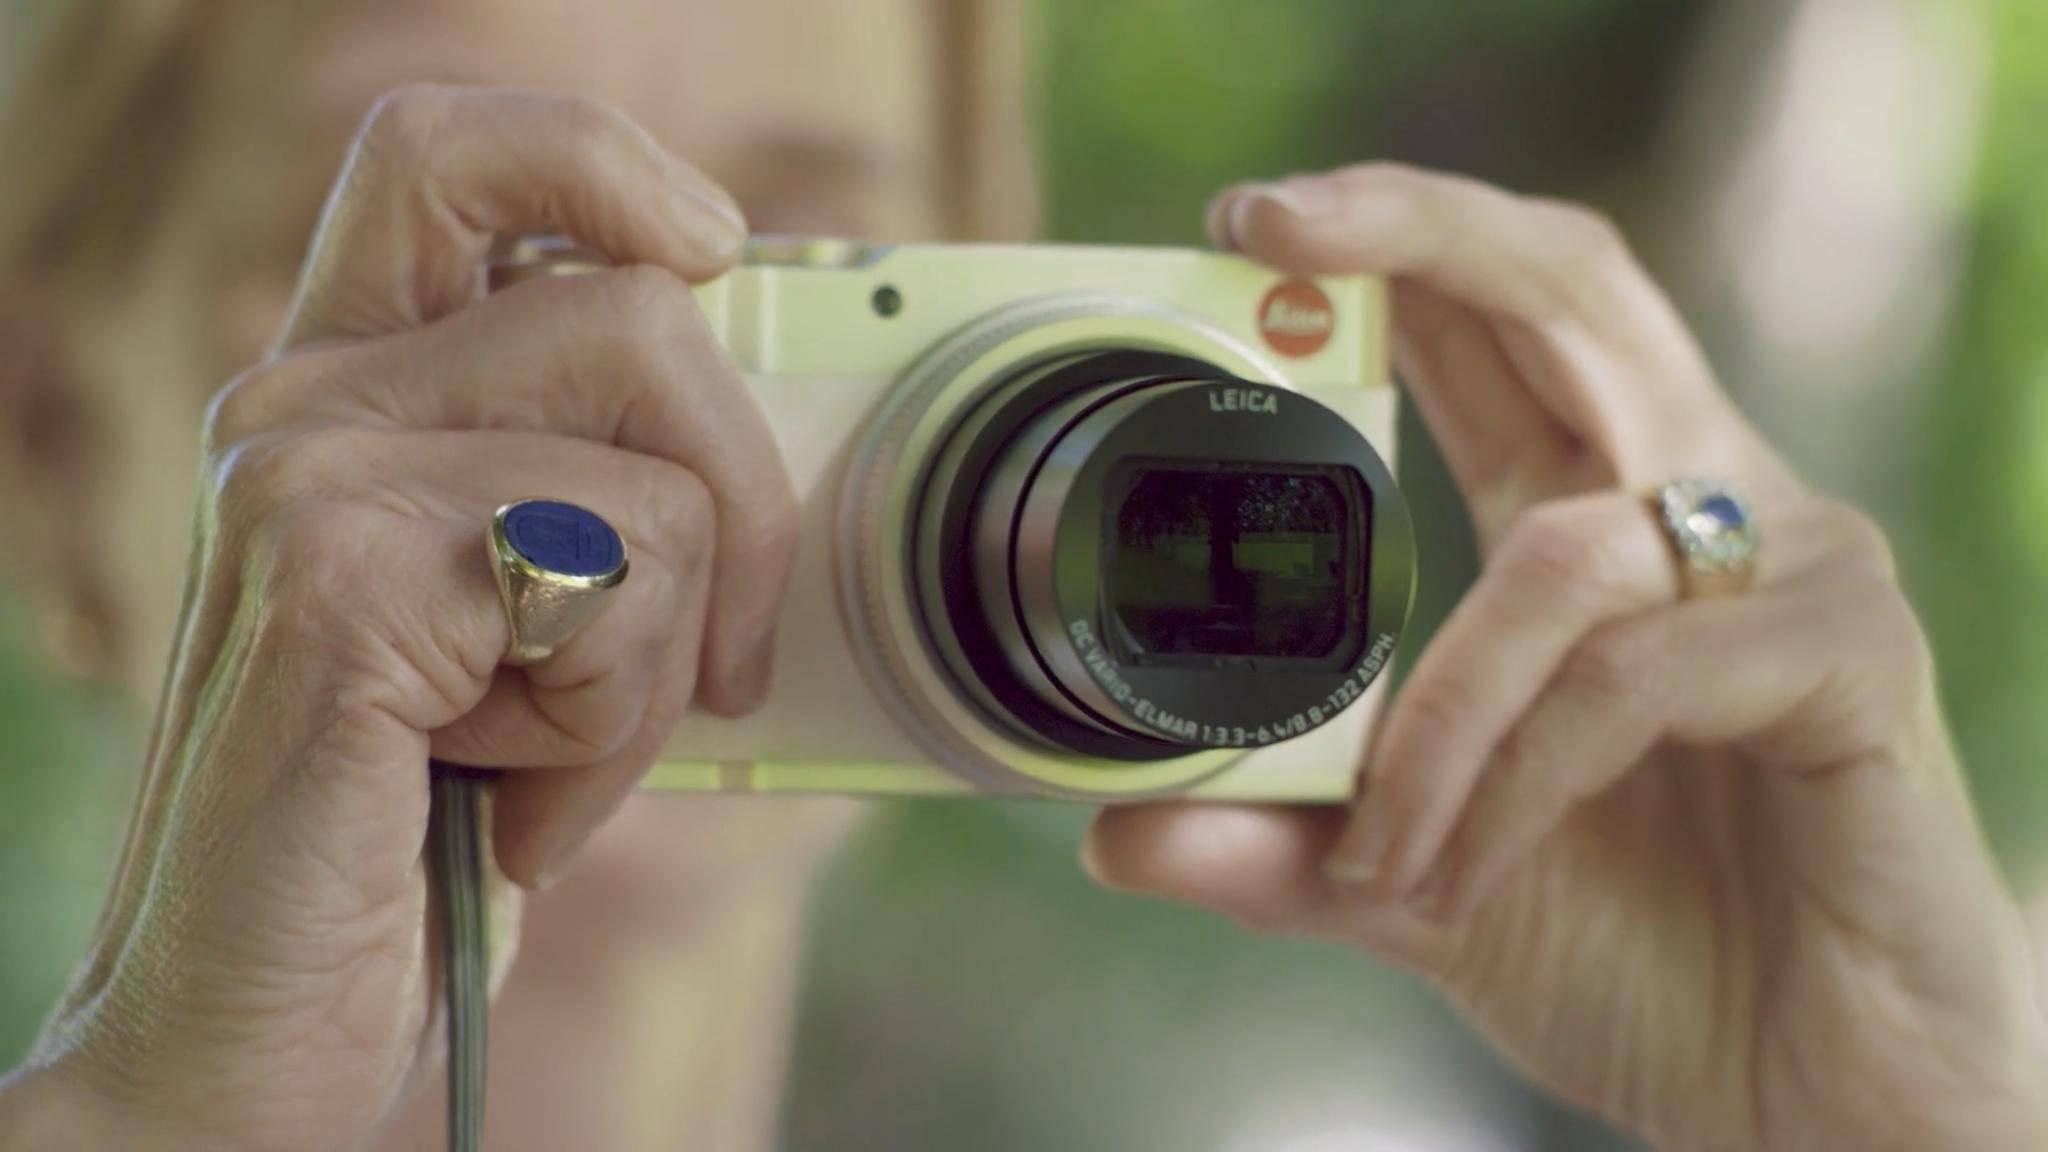 Die Kompaktkamera Leica C-Lux bietet einen 15-fachen Zoom.